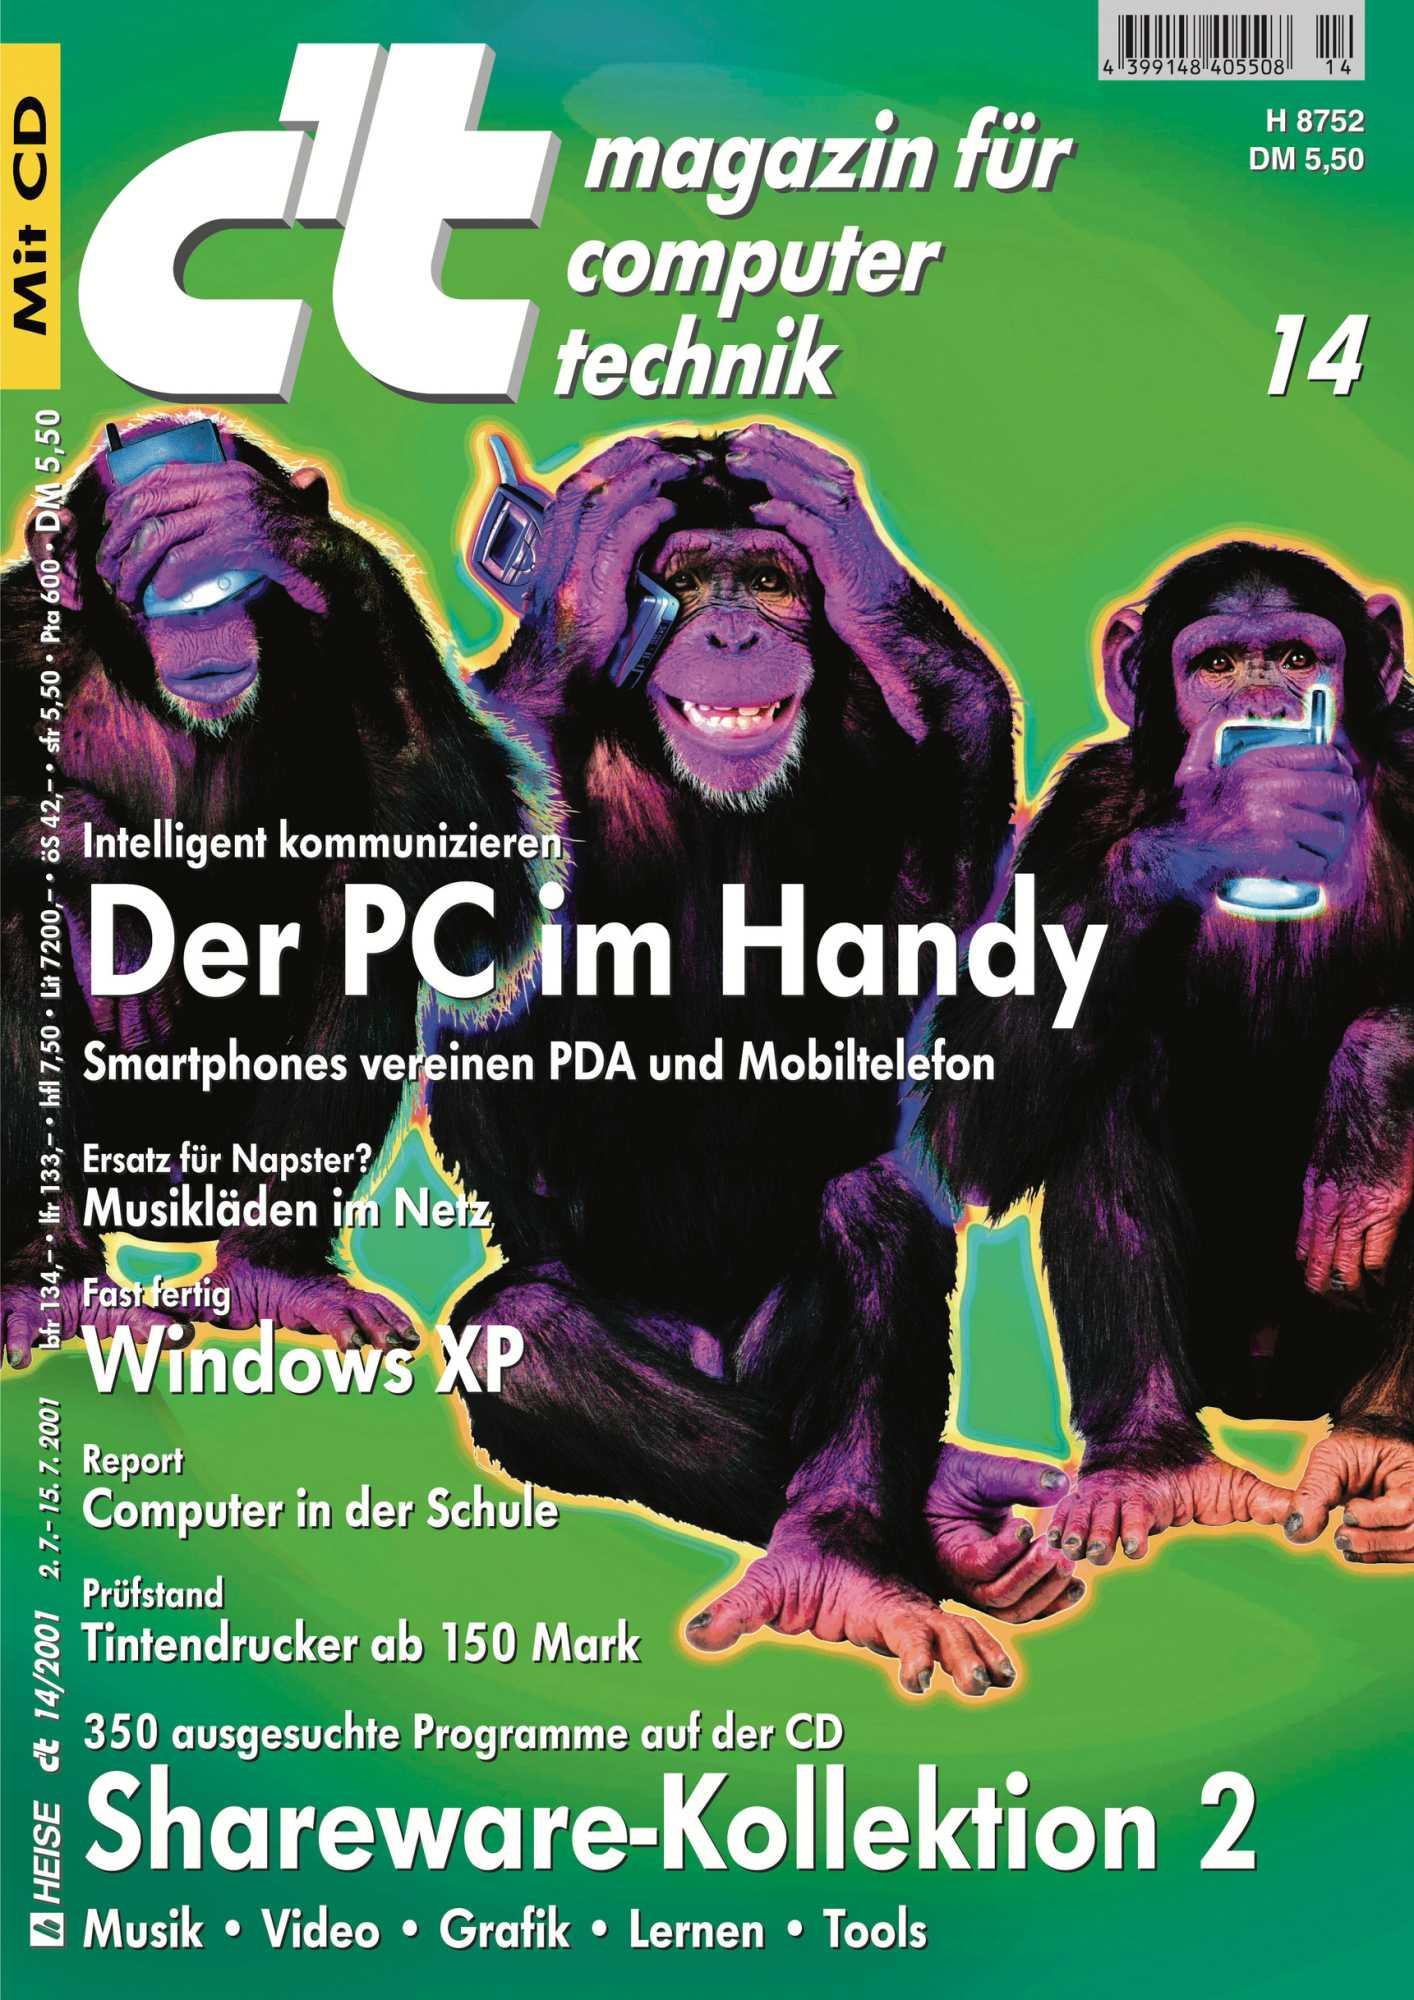 Für dieses Titelbild musste kein Schimpanse leiden – die drei bekamen die Handys nachtr?glich per Bildbearbeitung in die Pfote gelegt.